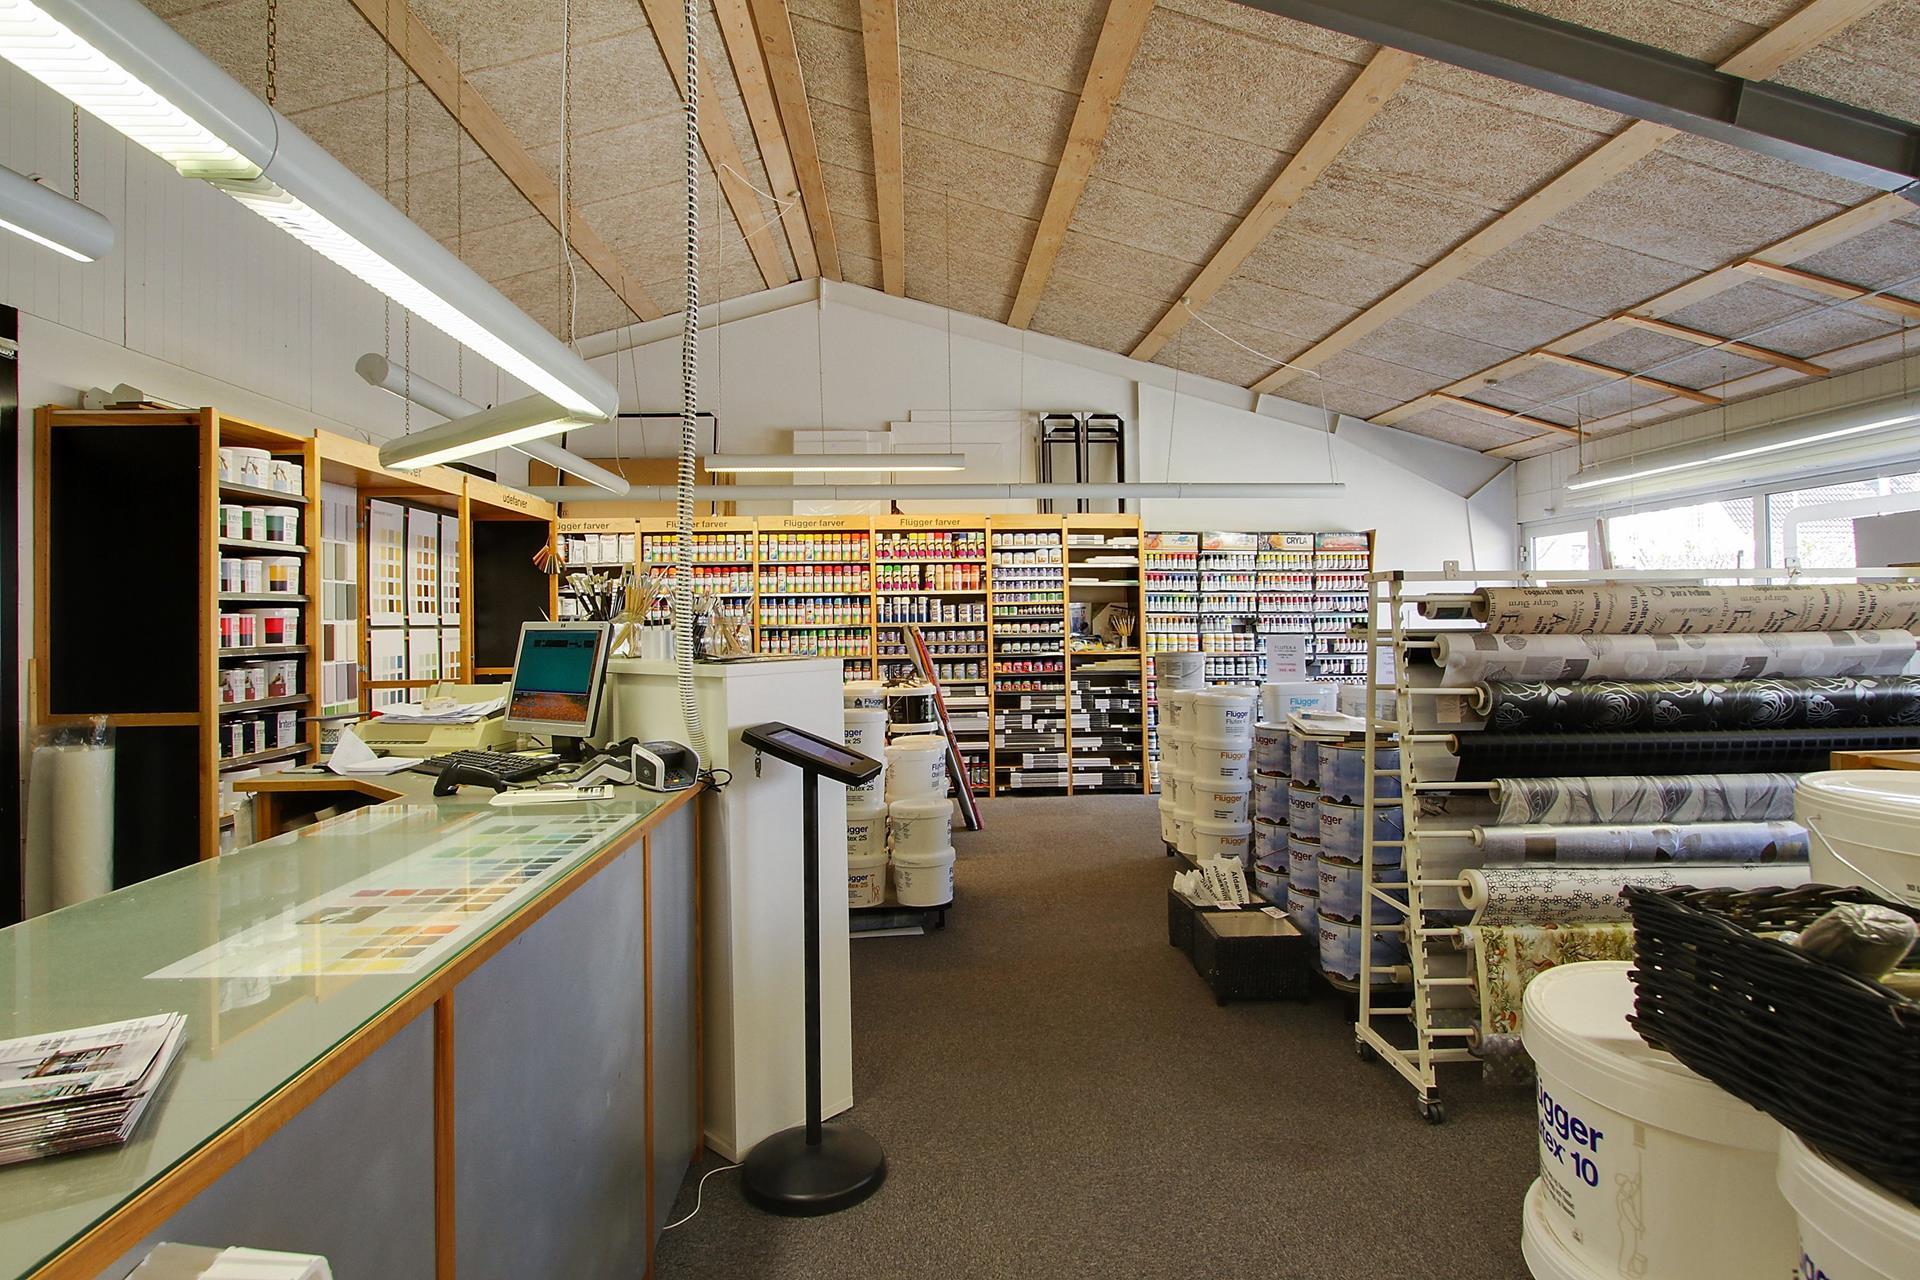 Bolig/erhverv på Brorsonsvej i Hjallerup - Butik